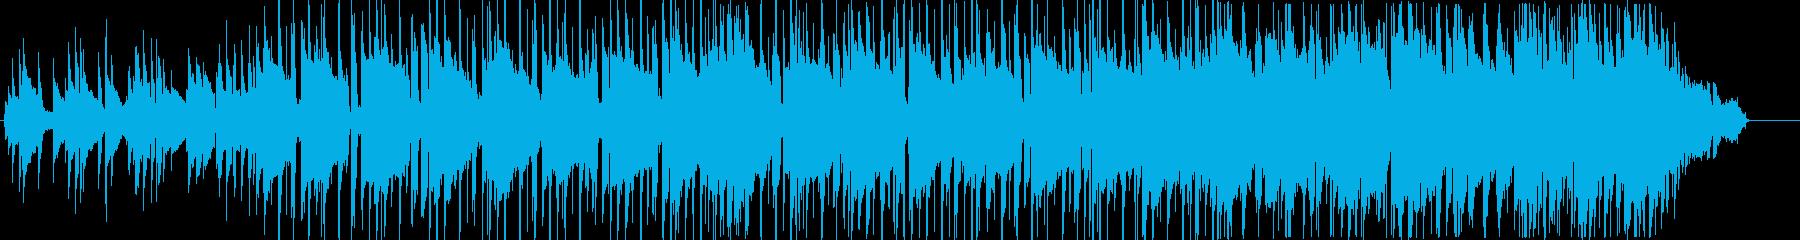 ちょっと切ないブルジーサウンドの再生済みの波形